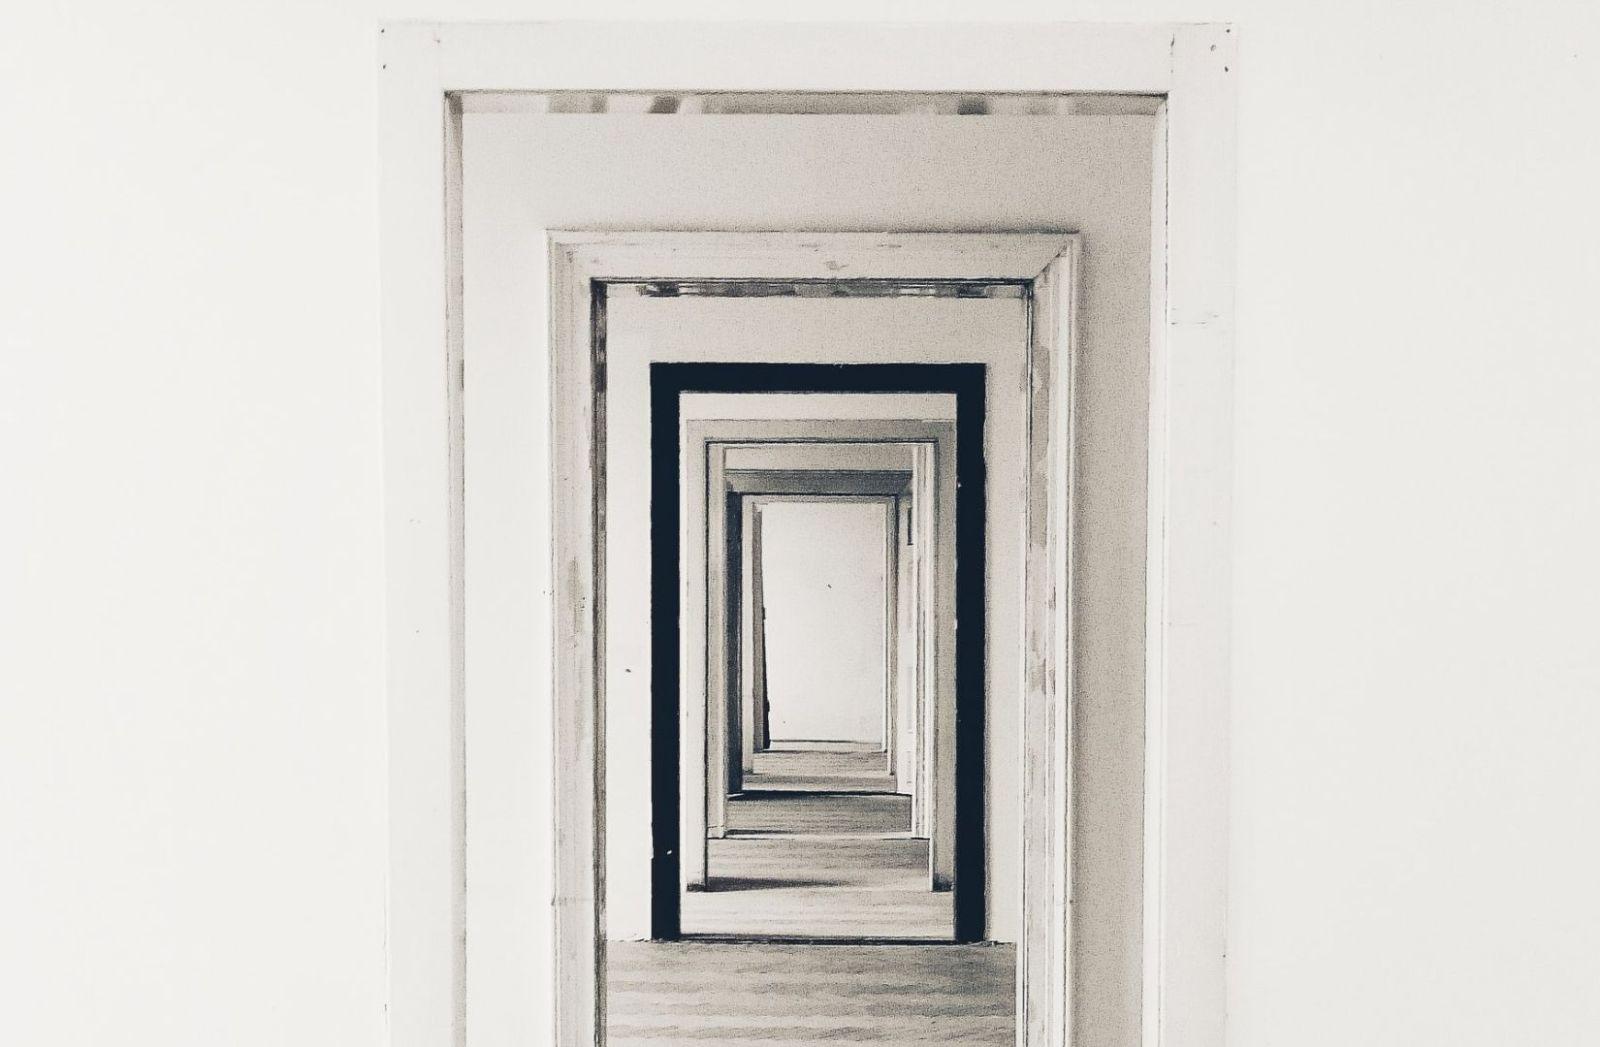 Türen in alle Richtungen geöffnet. (Foto: Filip Kominik, Unsplash.com)